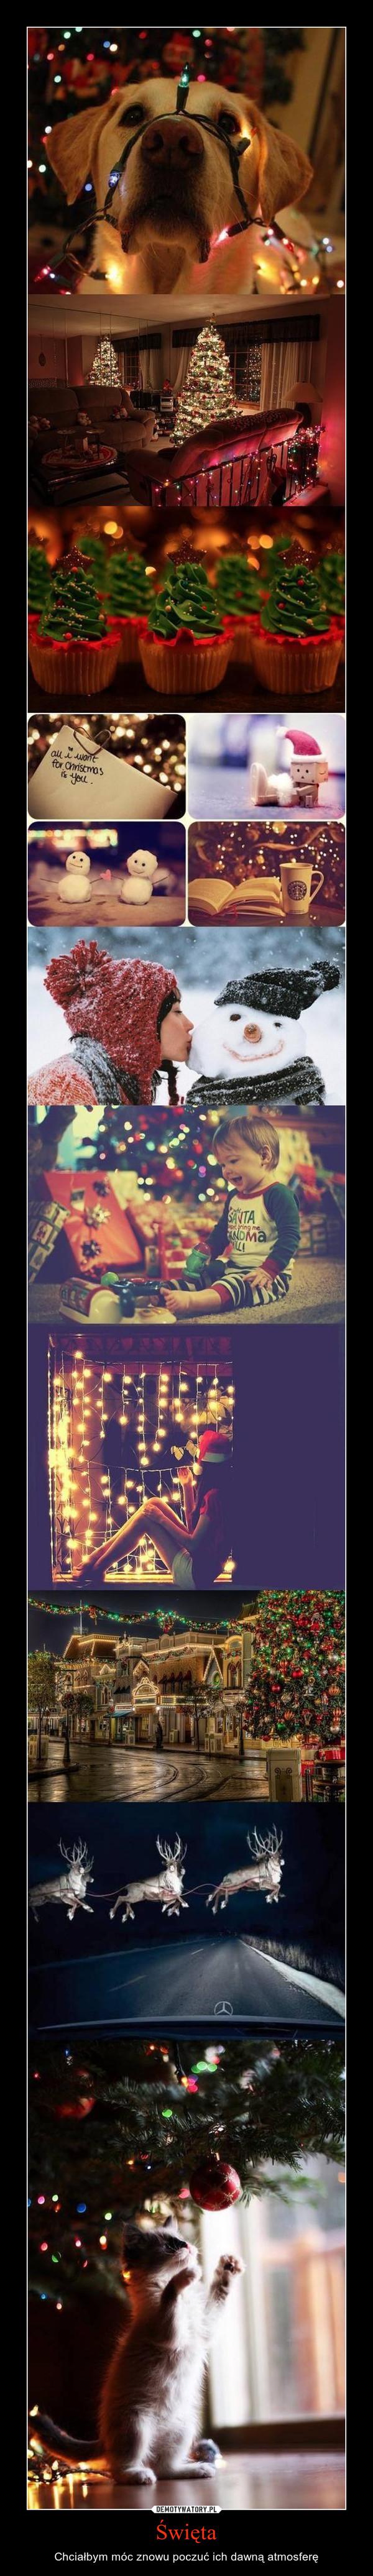 Święta – Chciałbym móc znowu poczuć ich dawną atmosferę